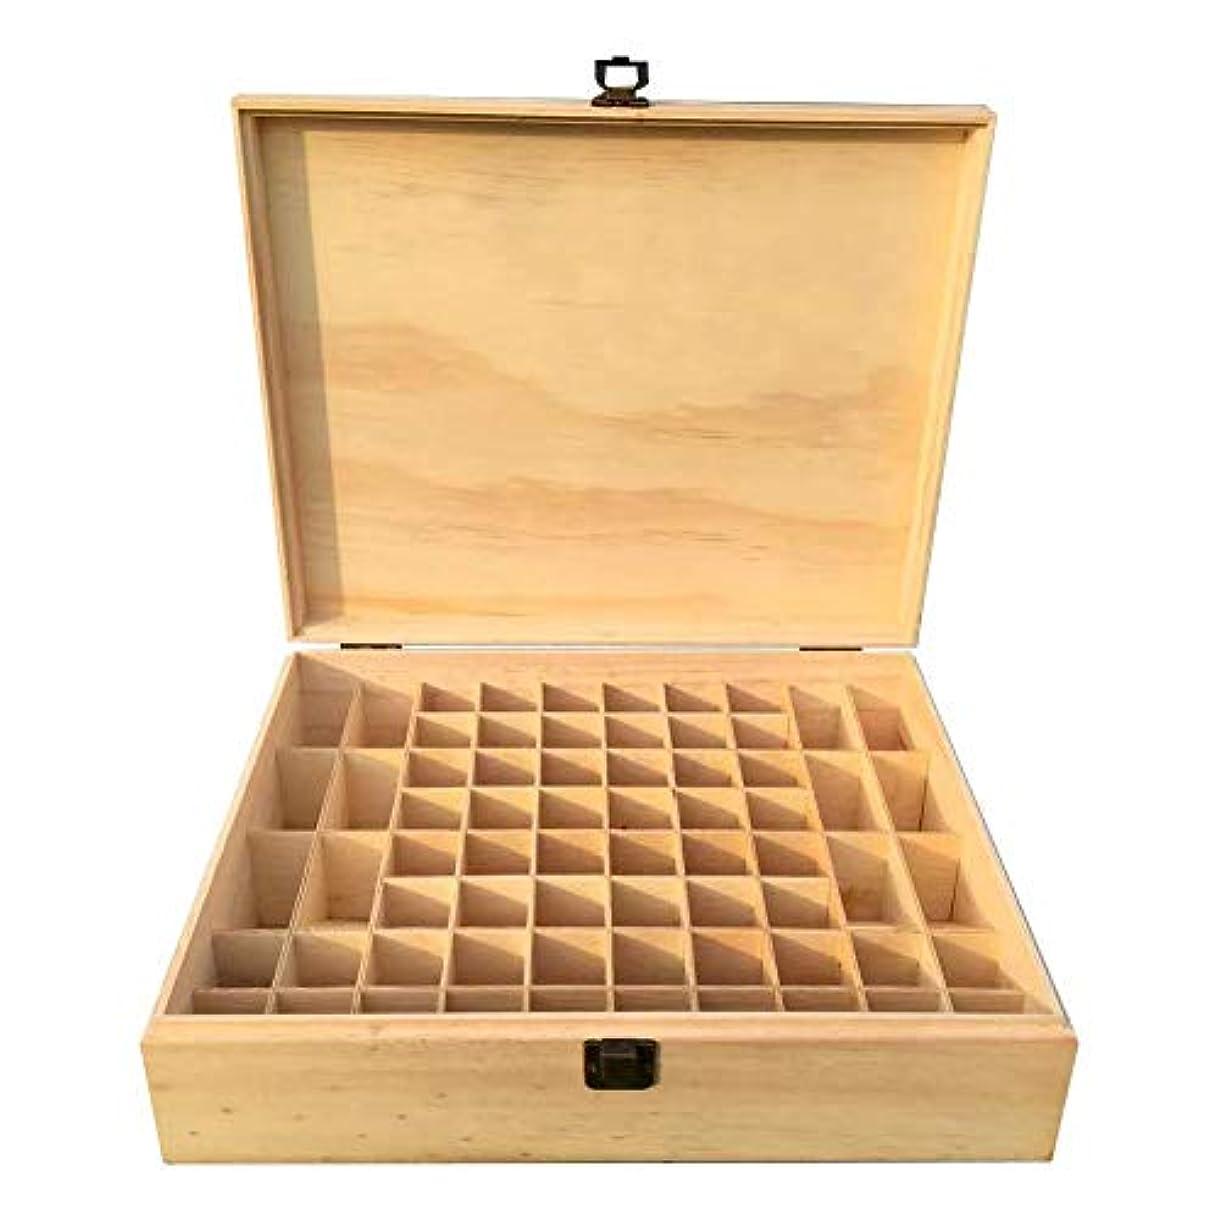 自治不正直性格木製エッセンシャルオイル収納ボックス 精油収納ケース 68グリッド 大容量 5~15MLボトル用 junexi